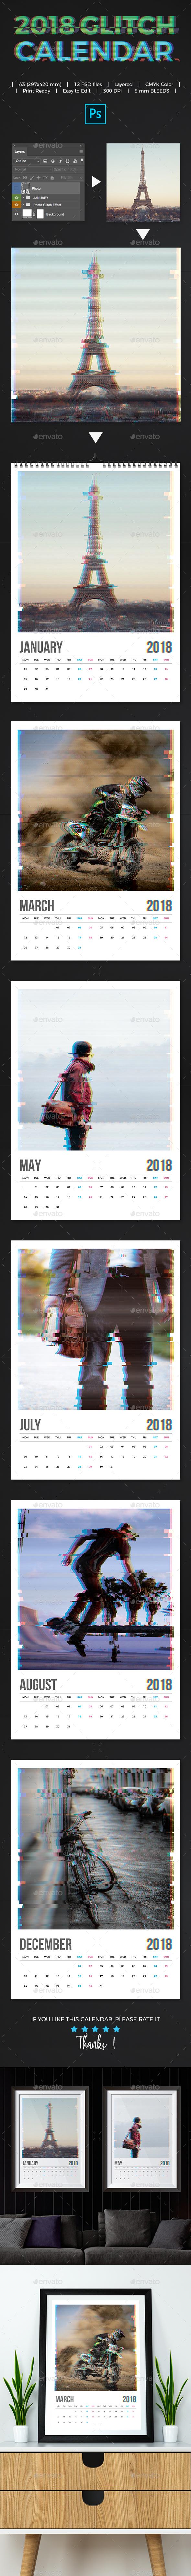 2018 Glitch Calendar - Calendars Stationery